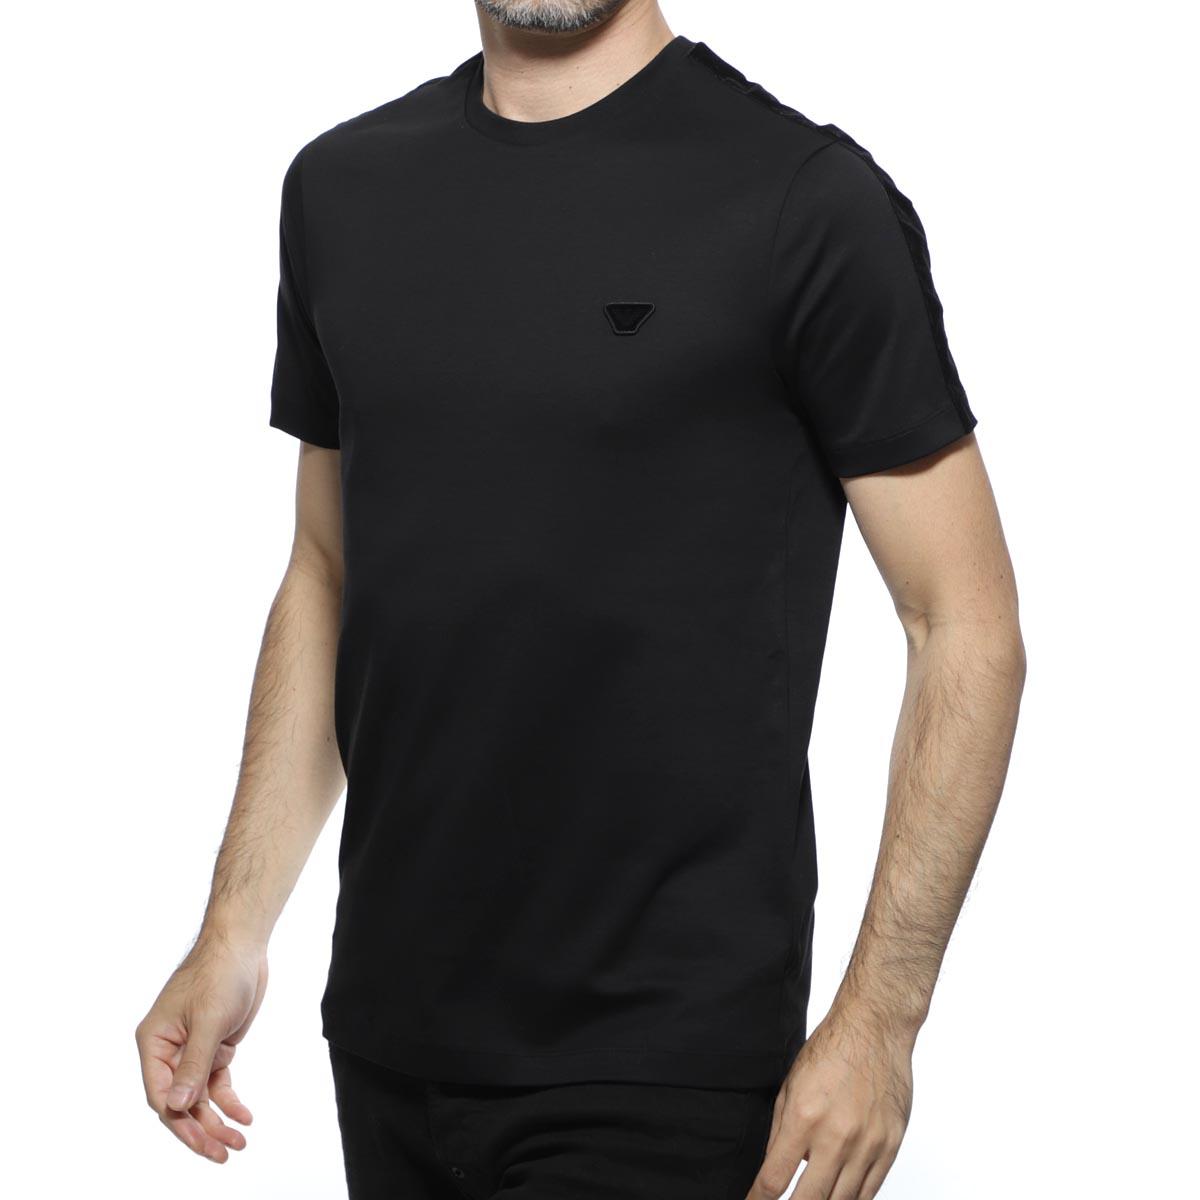 【アウトレット】エンポリオアルマーニ EMPORIO ARMANI クルーネックTシャツ ブラック メンズ カジュアル トップス 6g1te4 1jprz 0999【あす楽対応_関東】【返品送料無料】【ラッピング無料】